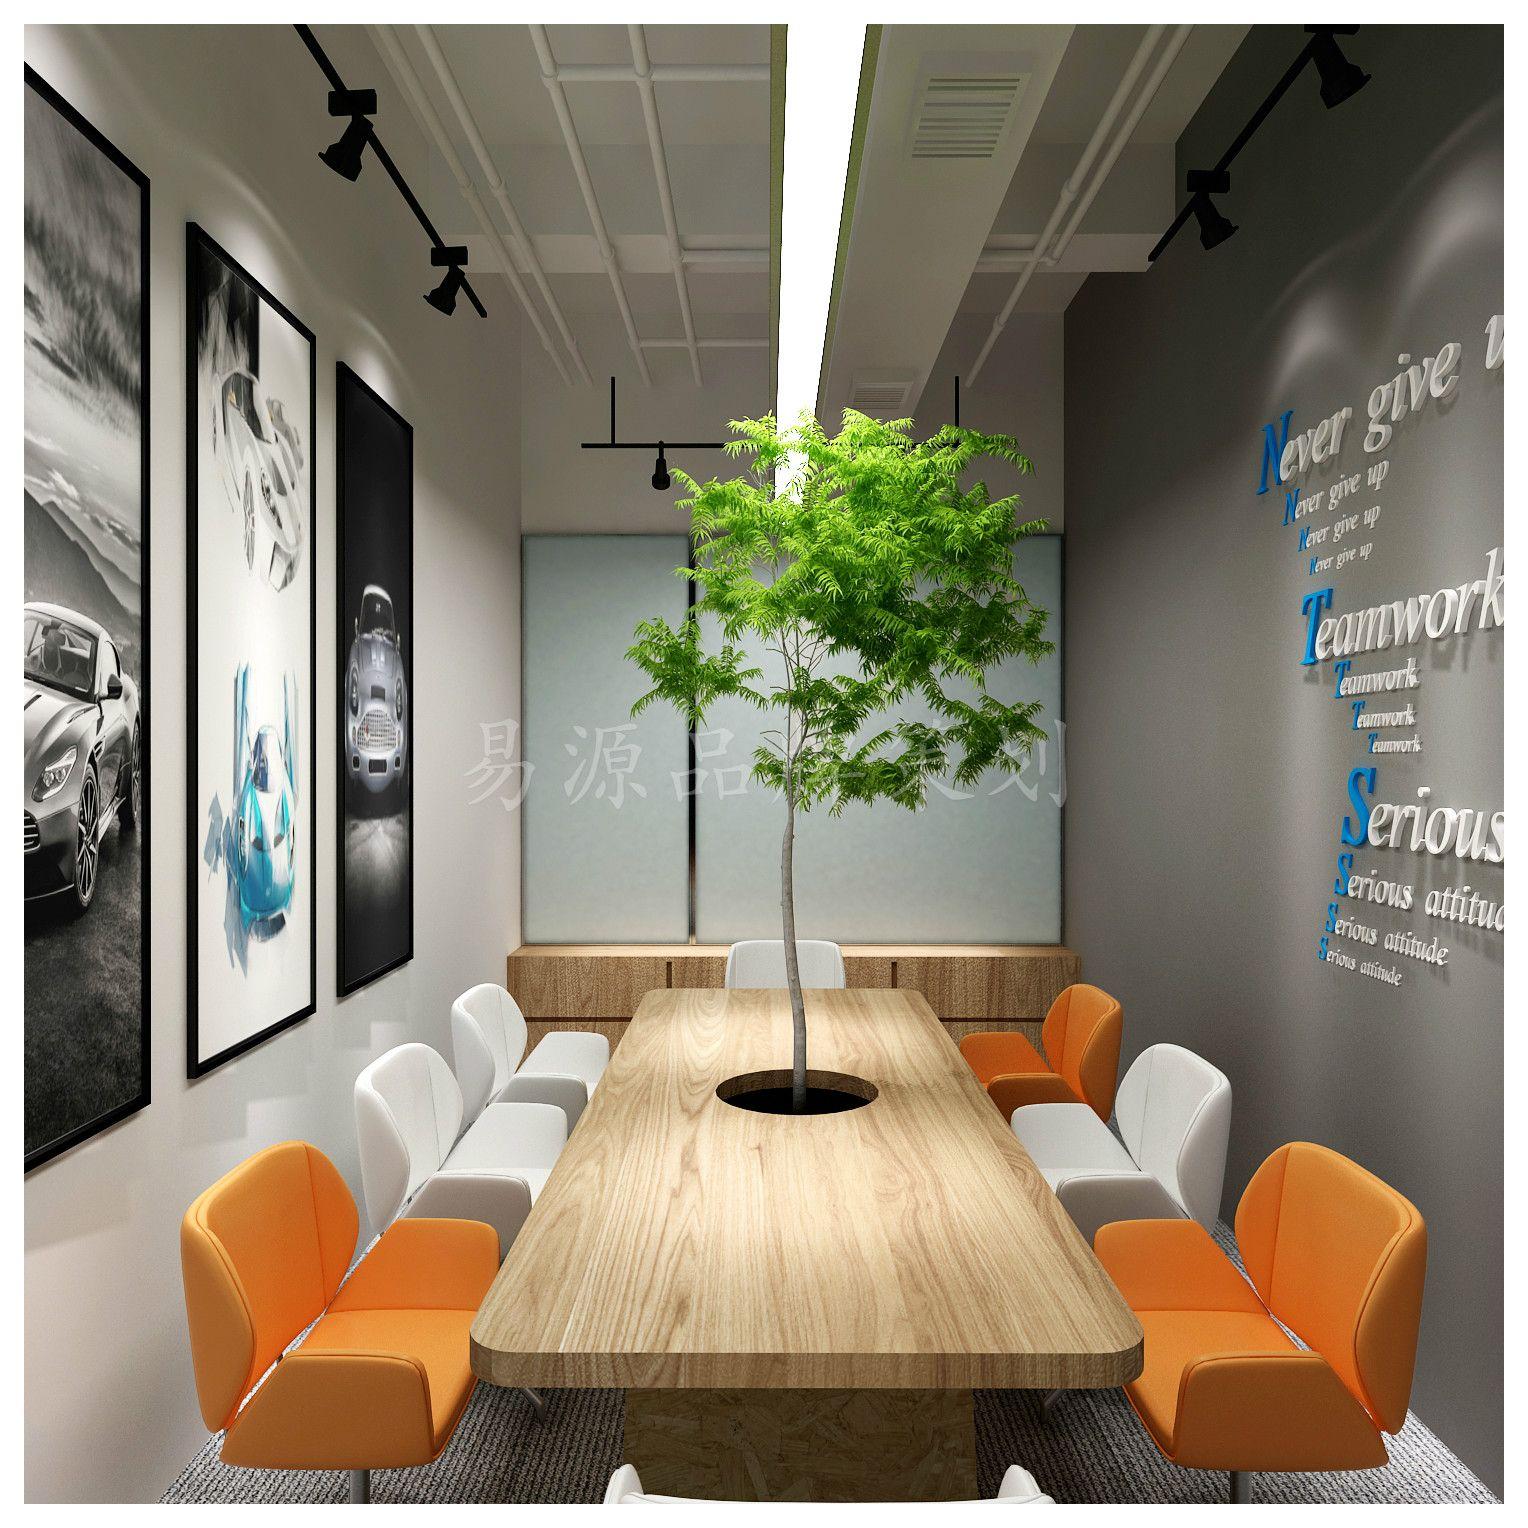 会议室设计|会议室设计效果图|会议室设计案例